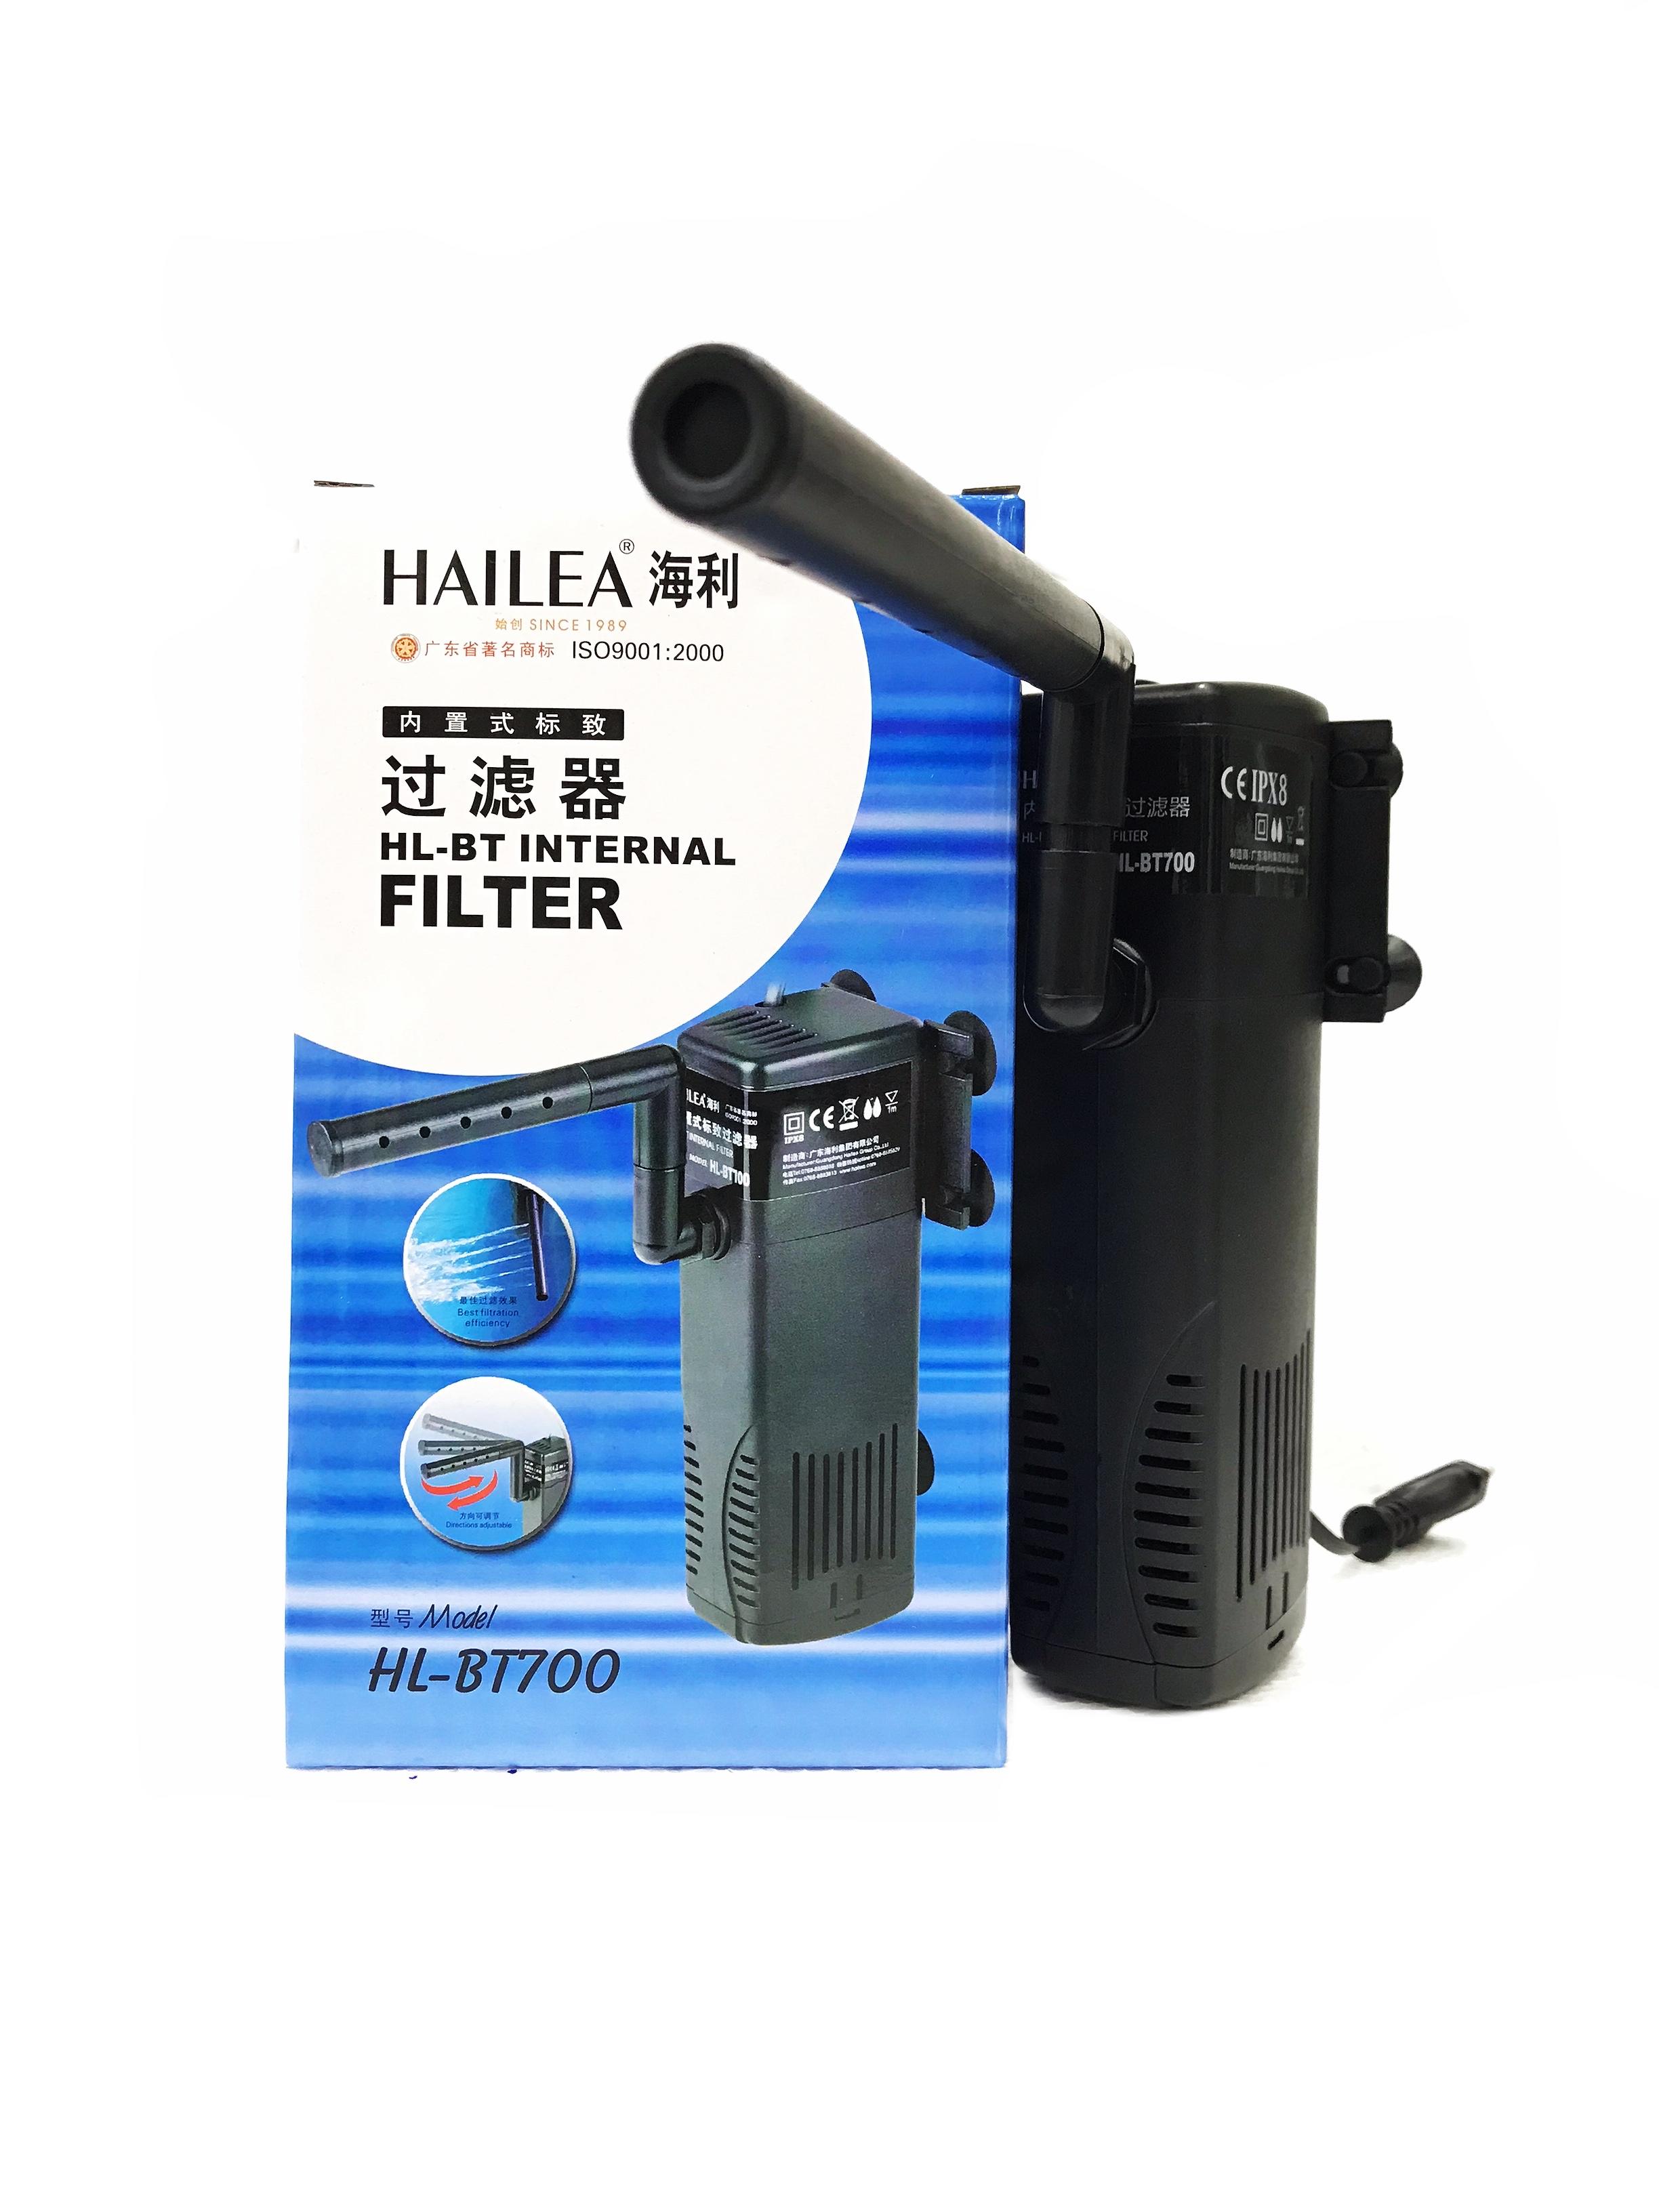 Hailea HL-BT Internal Filter